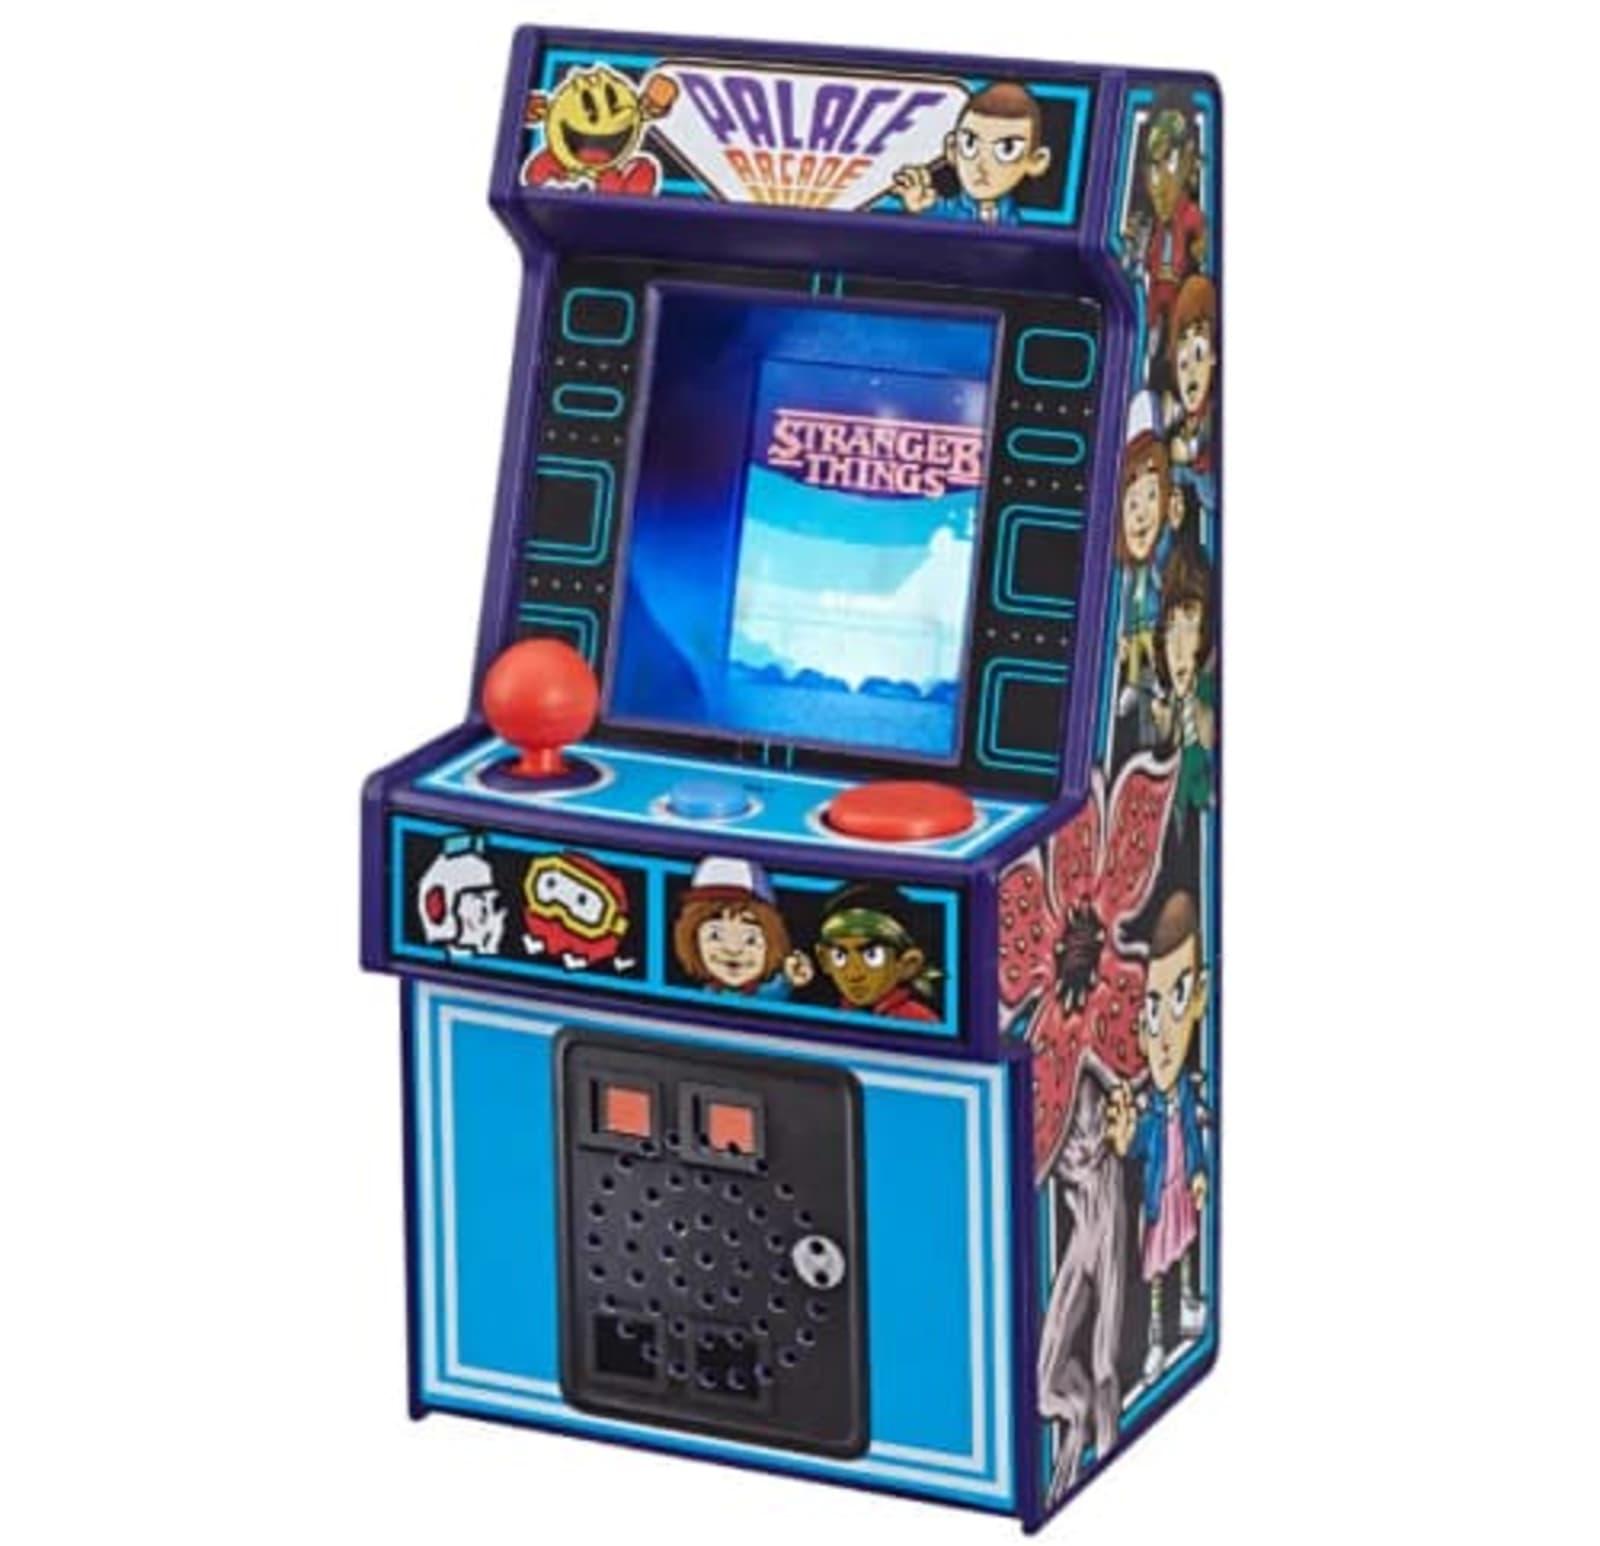 'Stranger Things' mini arcade game